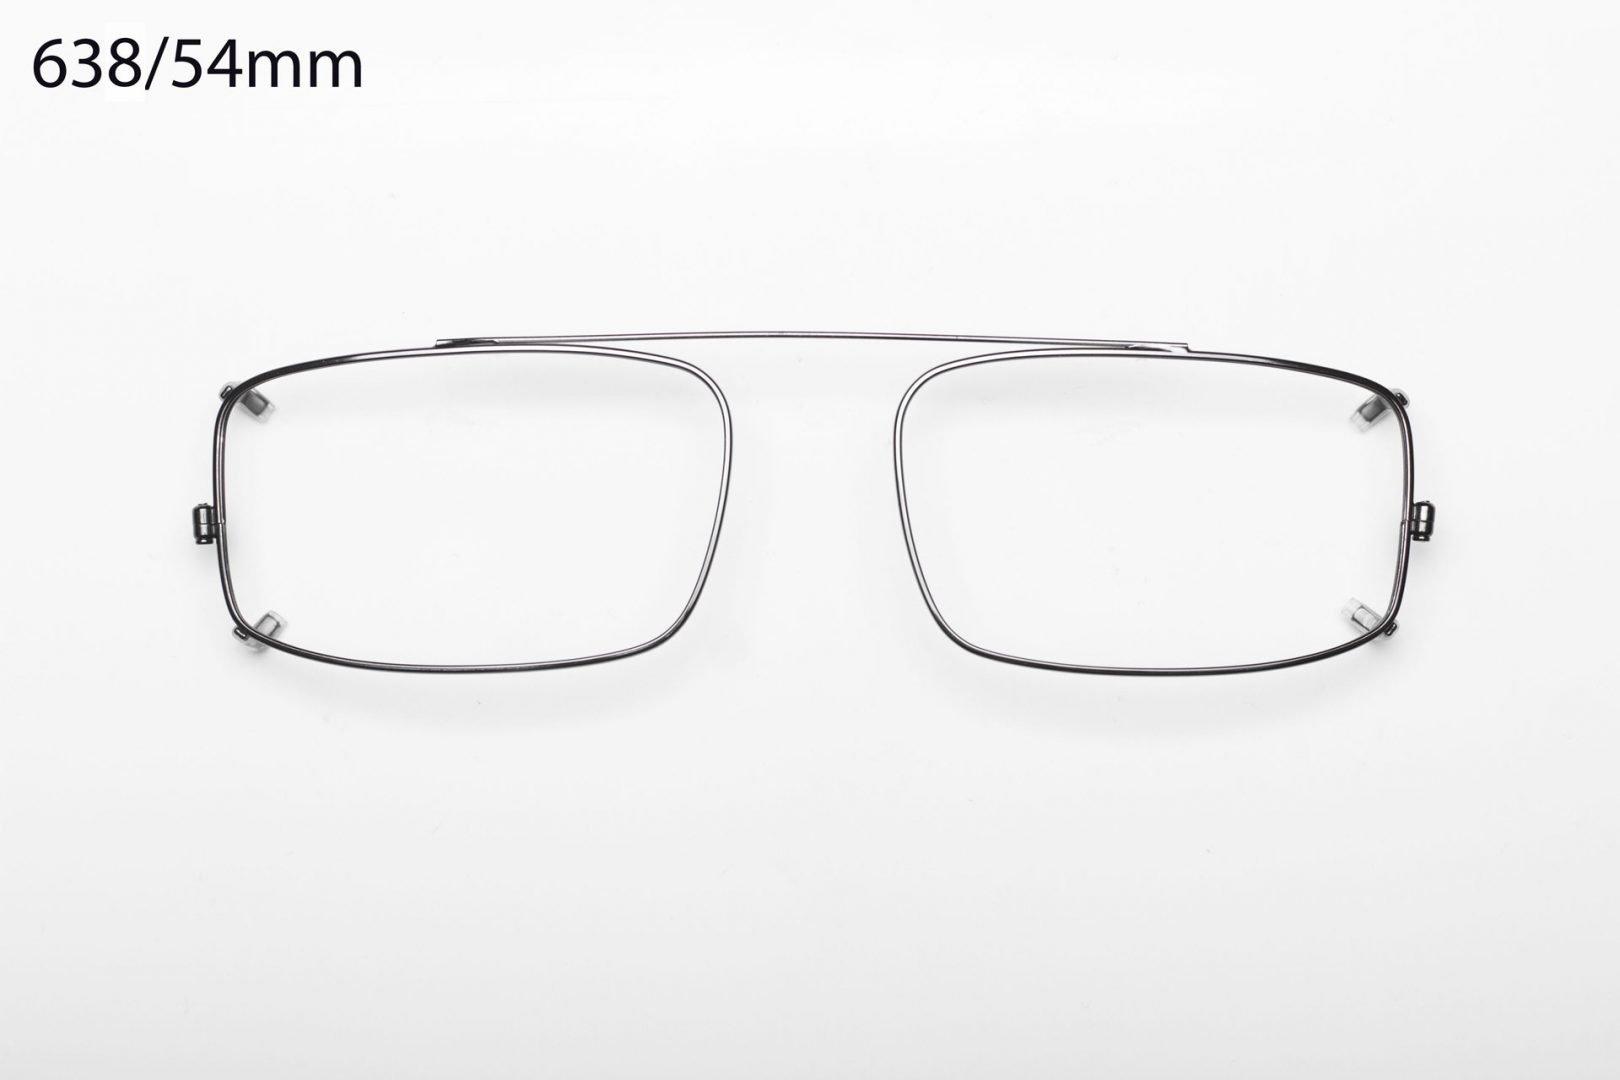 Modèle A102-63854mm